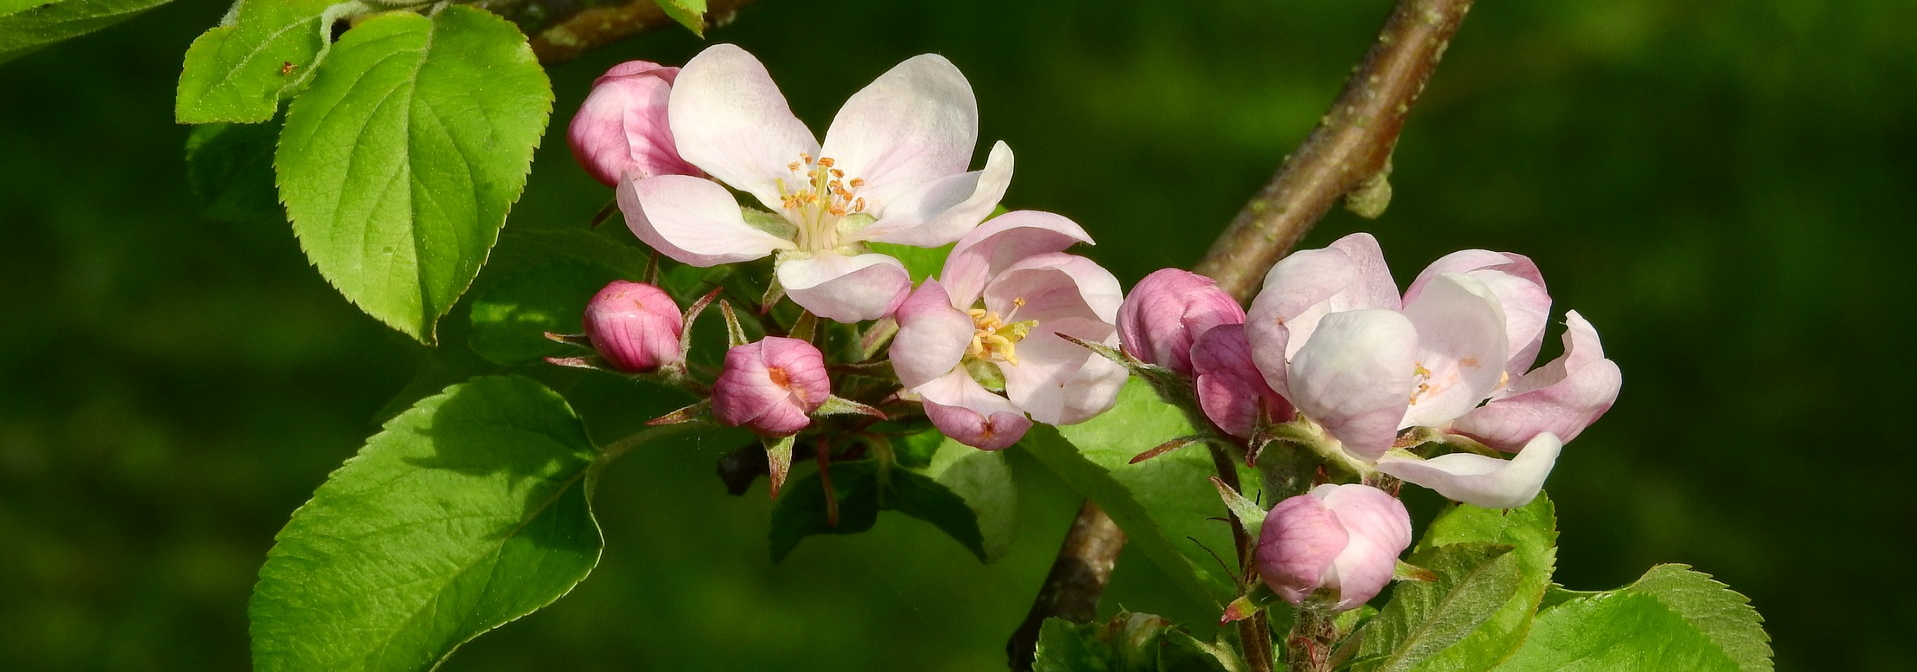 Cykeltur och äppelblom